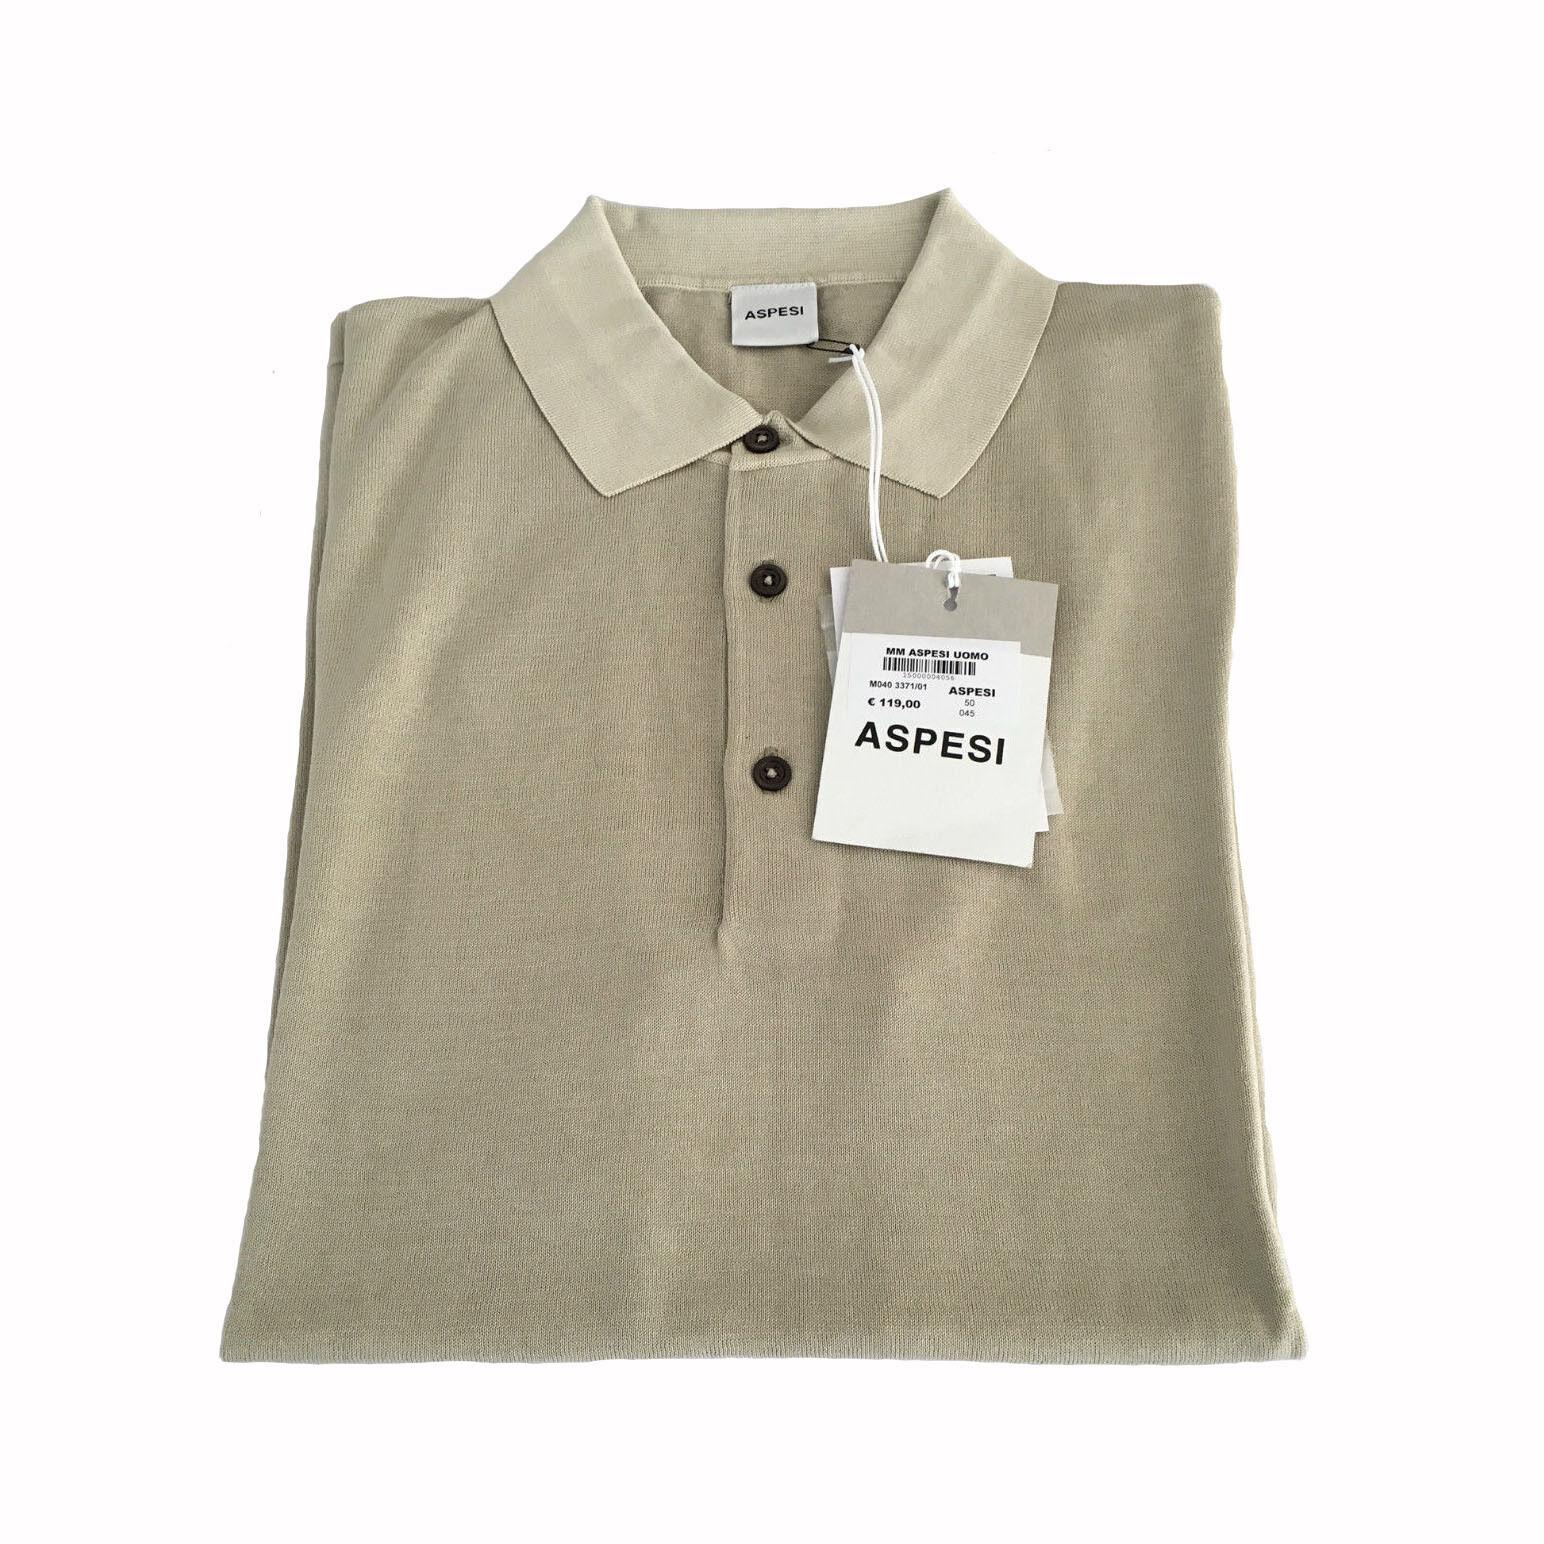 ... ASPESI polo uomo vestibilità slim cotone mod M040 100% cotone slim  05a19a 23b13e33d2e